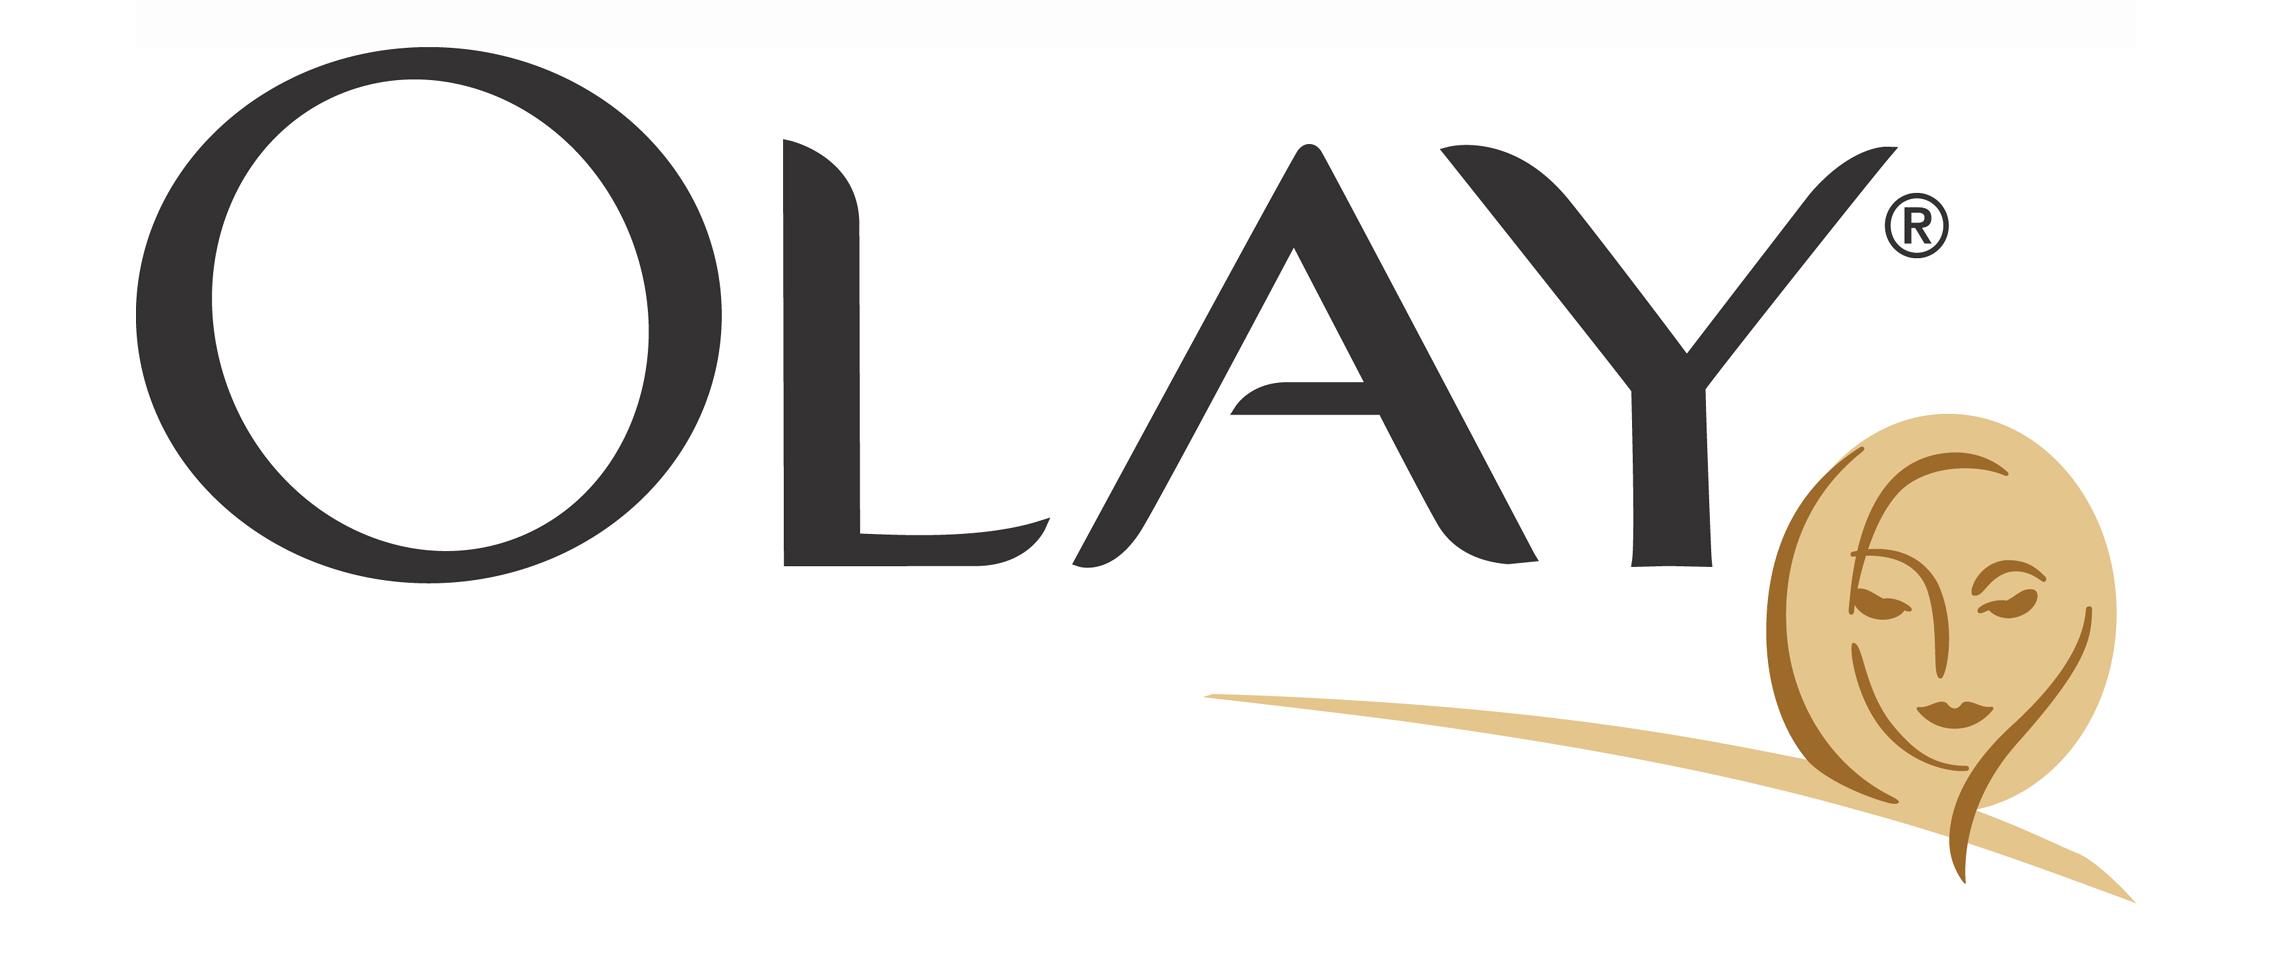 Olay-logo-old